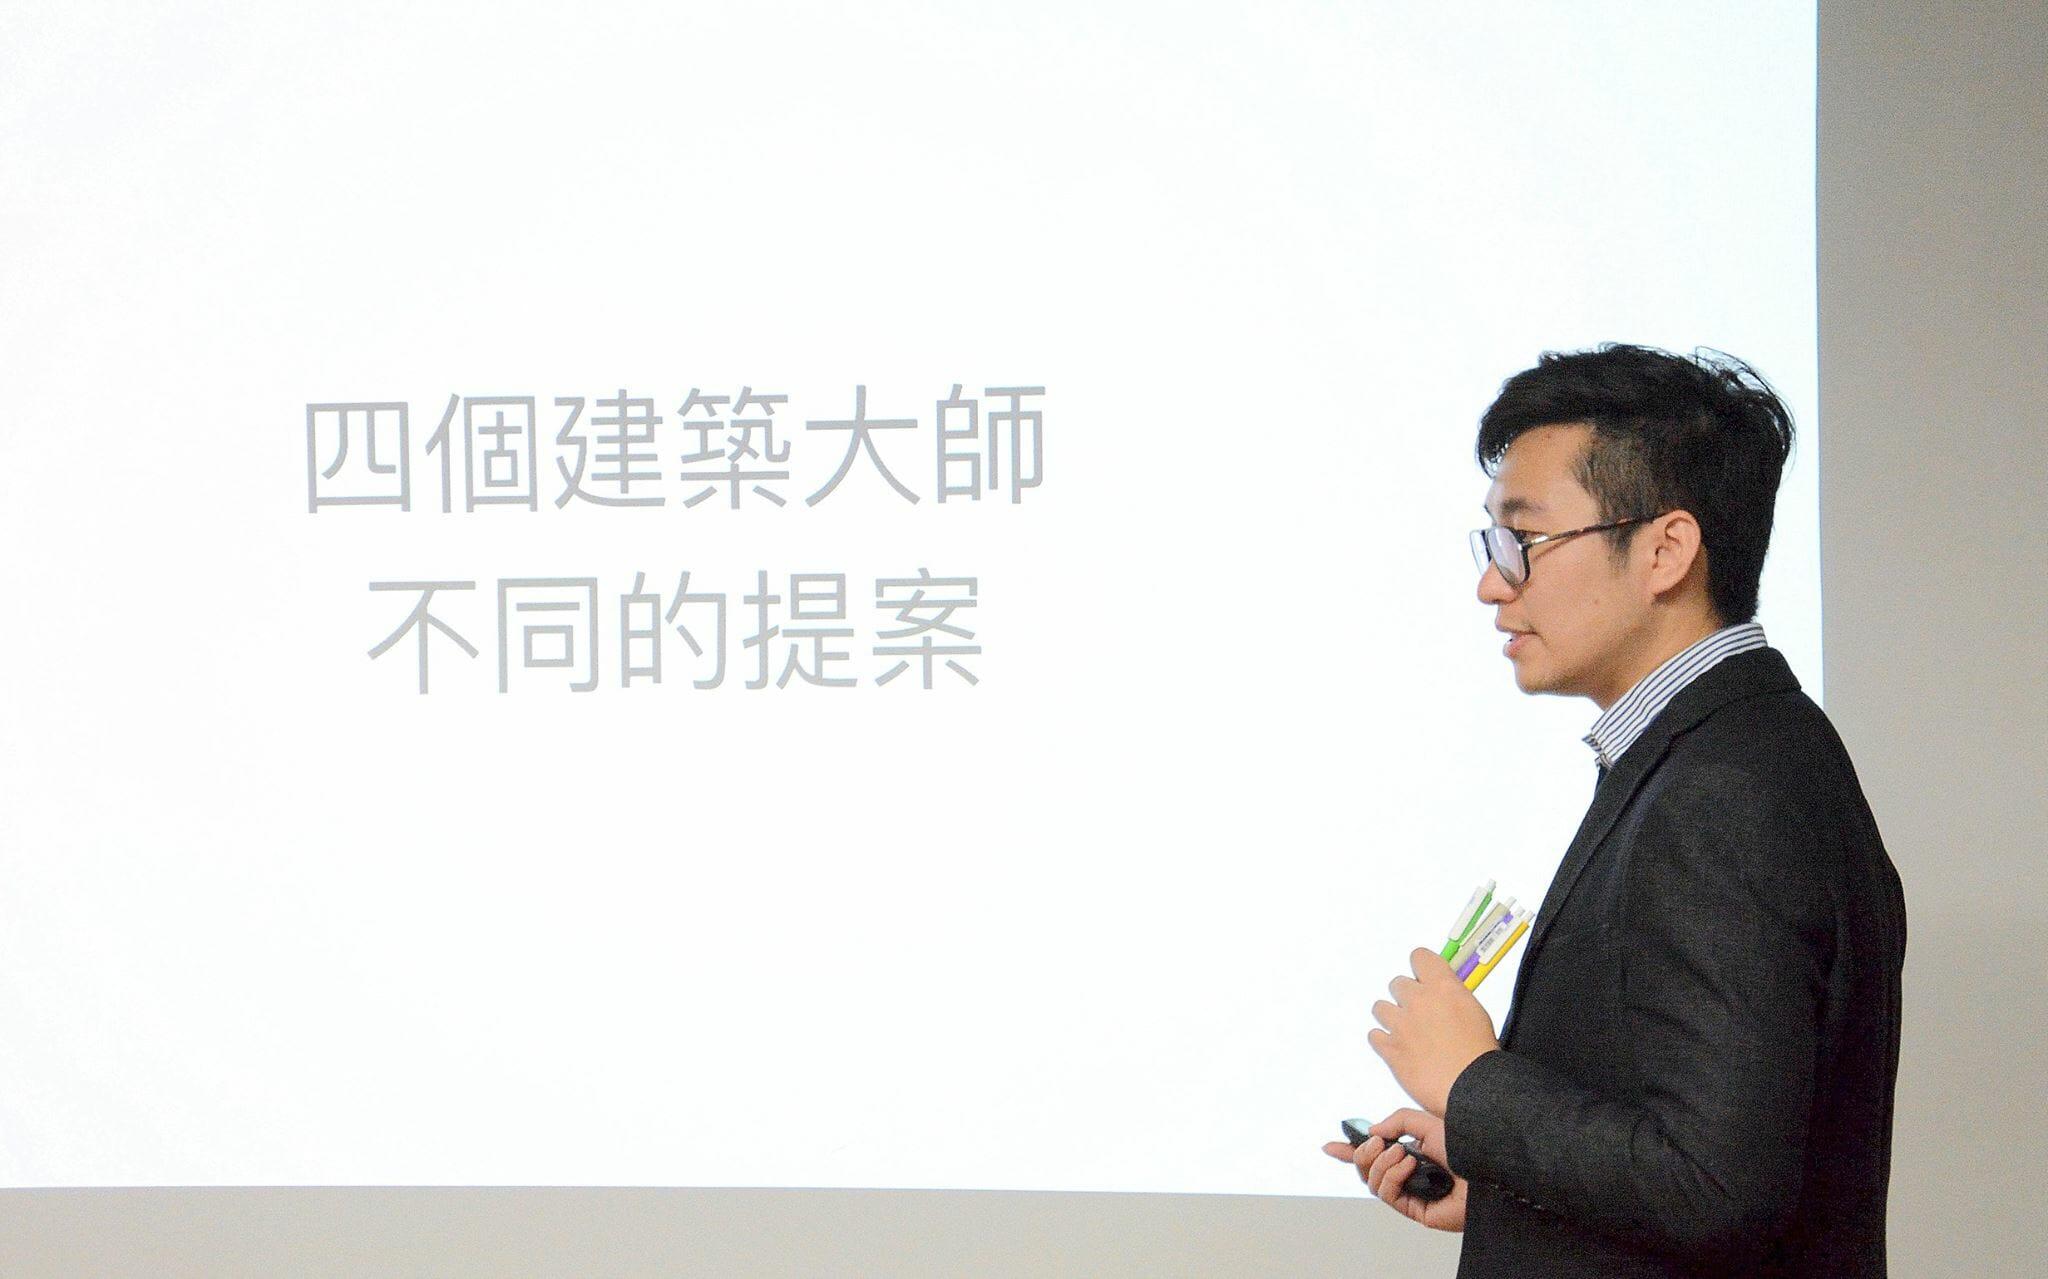 【棋奕力】建築設計的快速決策-臺北場 4